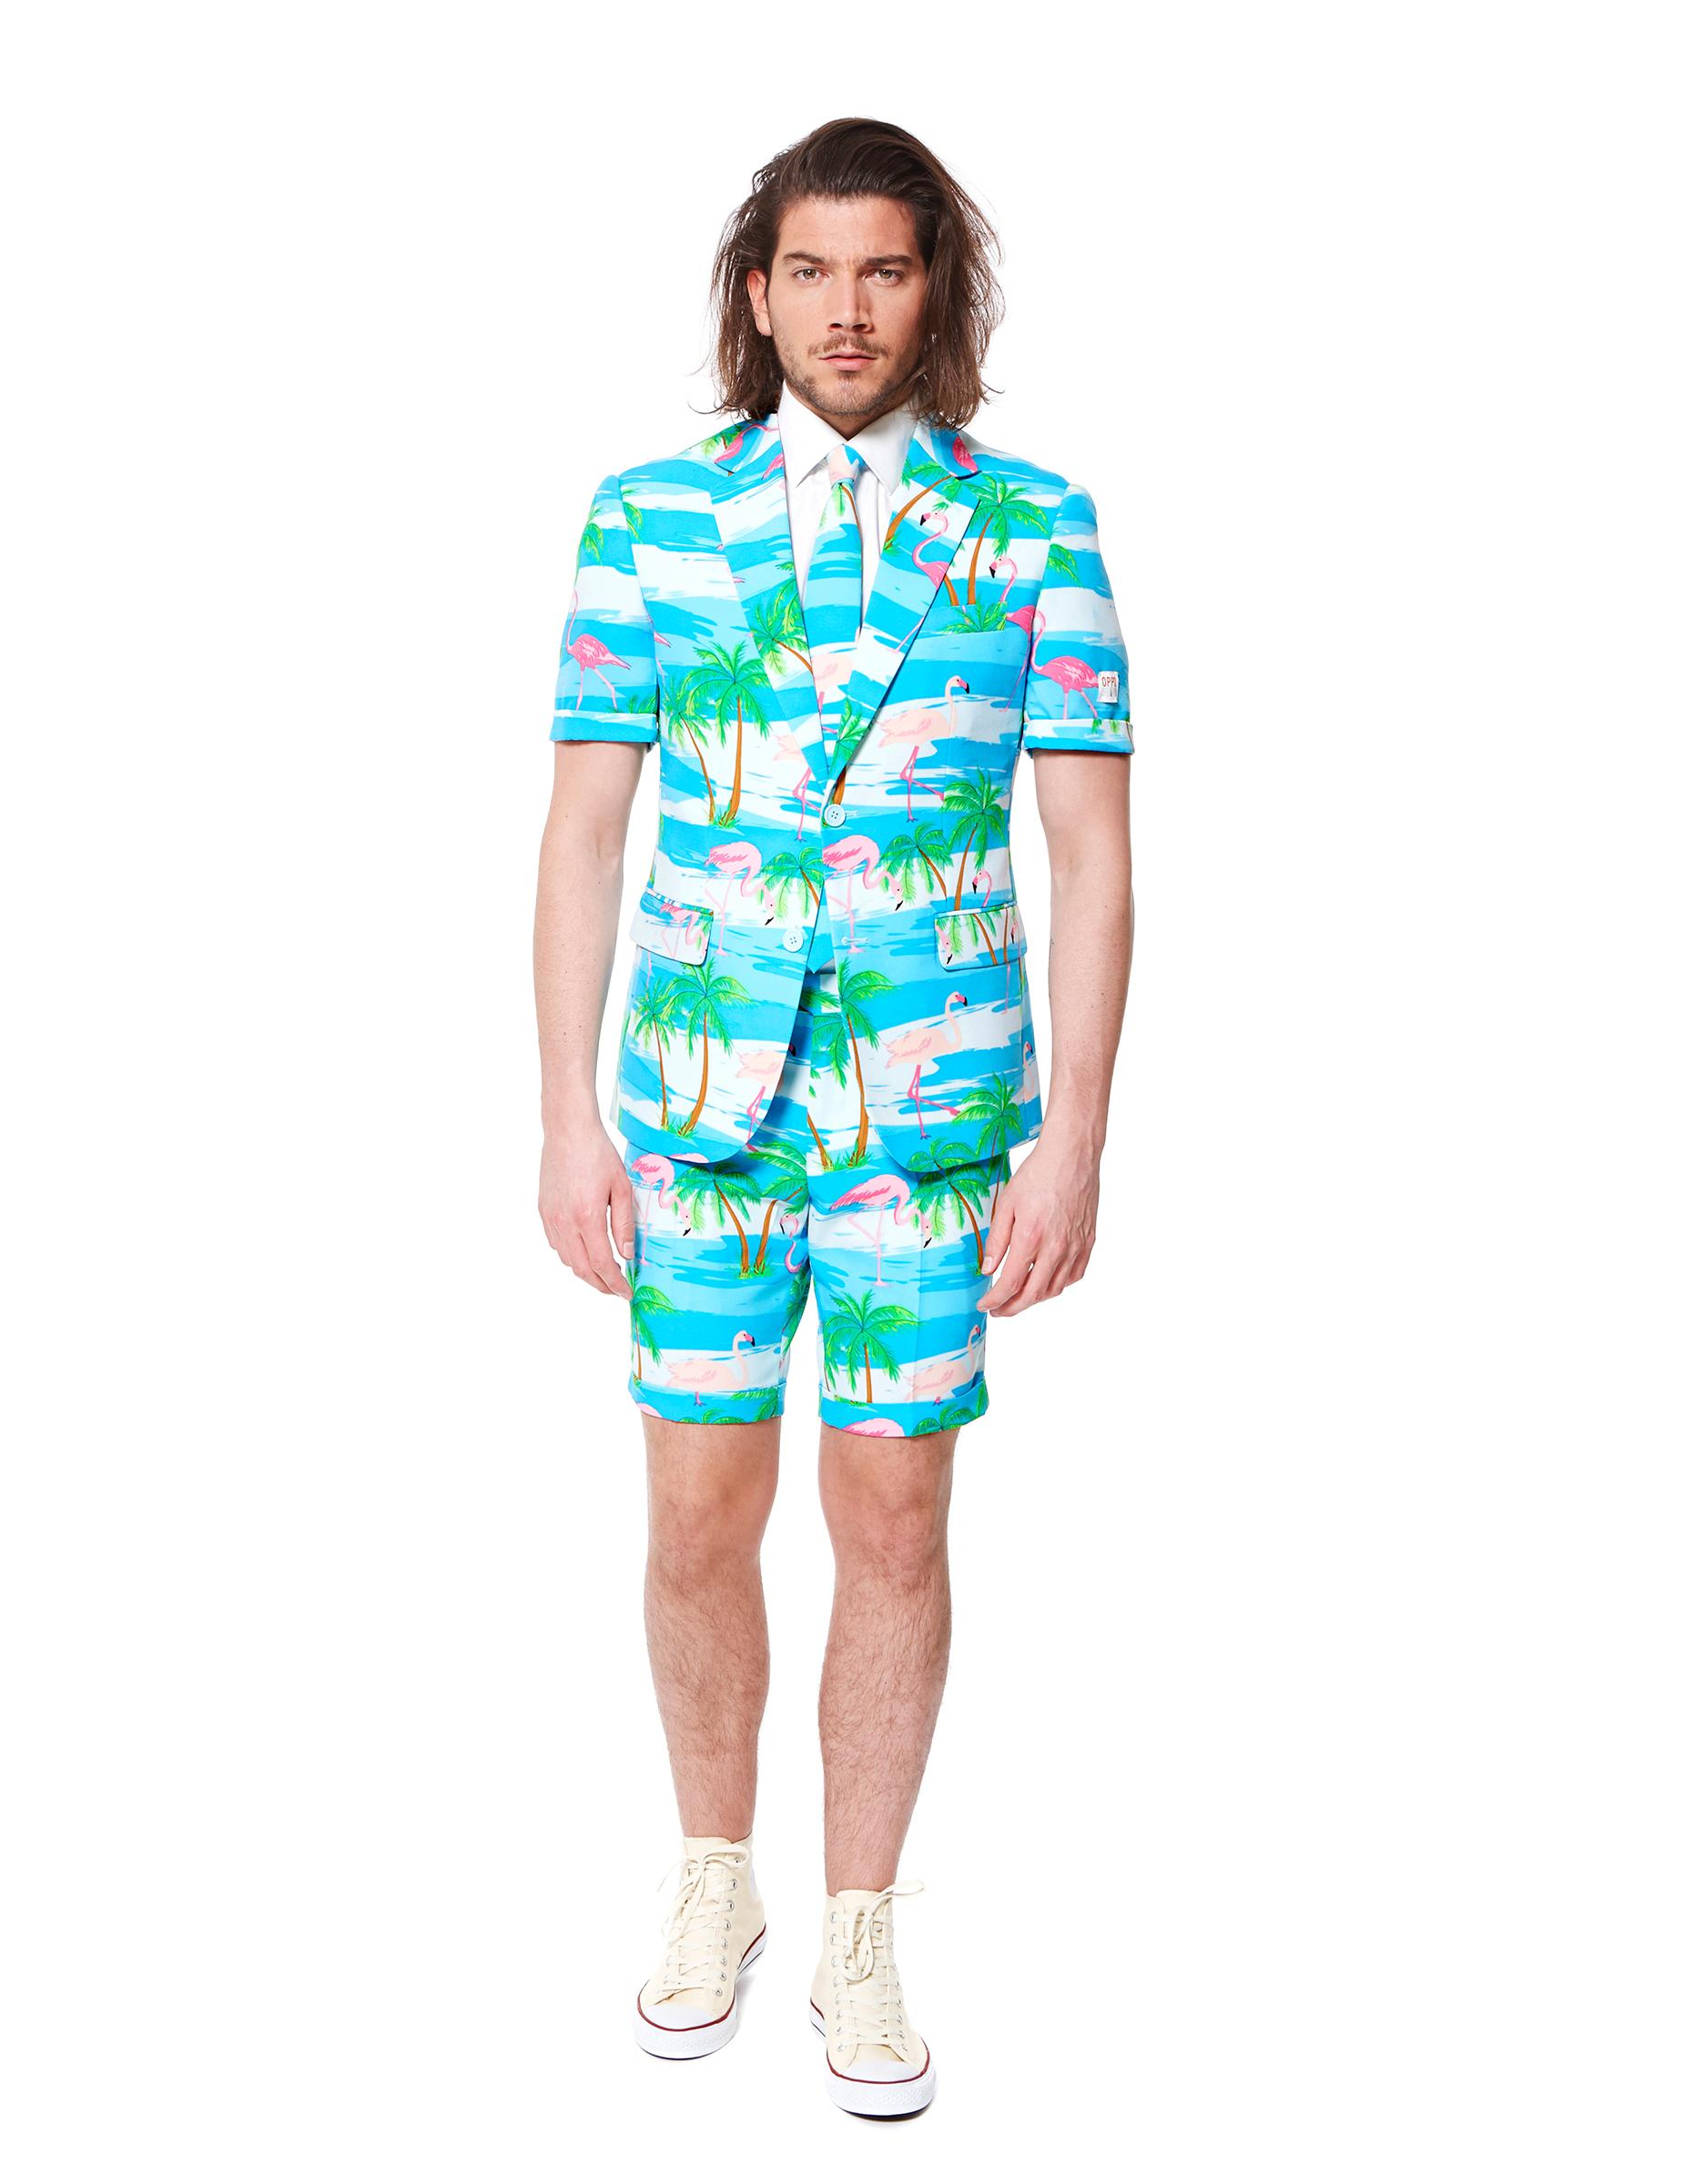 Costume d 39 t mr flamingo homme opposuits achat de d guisements adultes sur vegaoopro - Costume homme ete ...